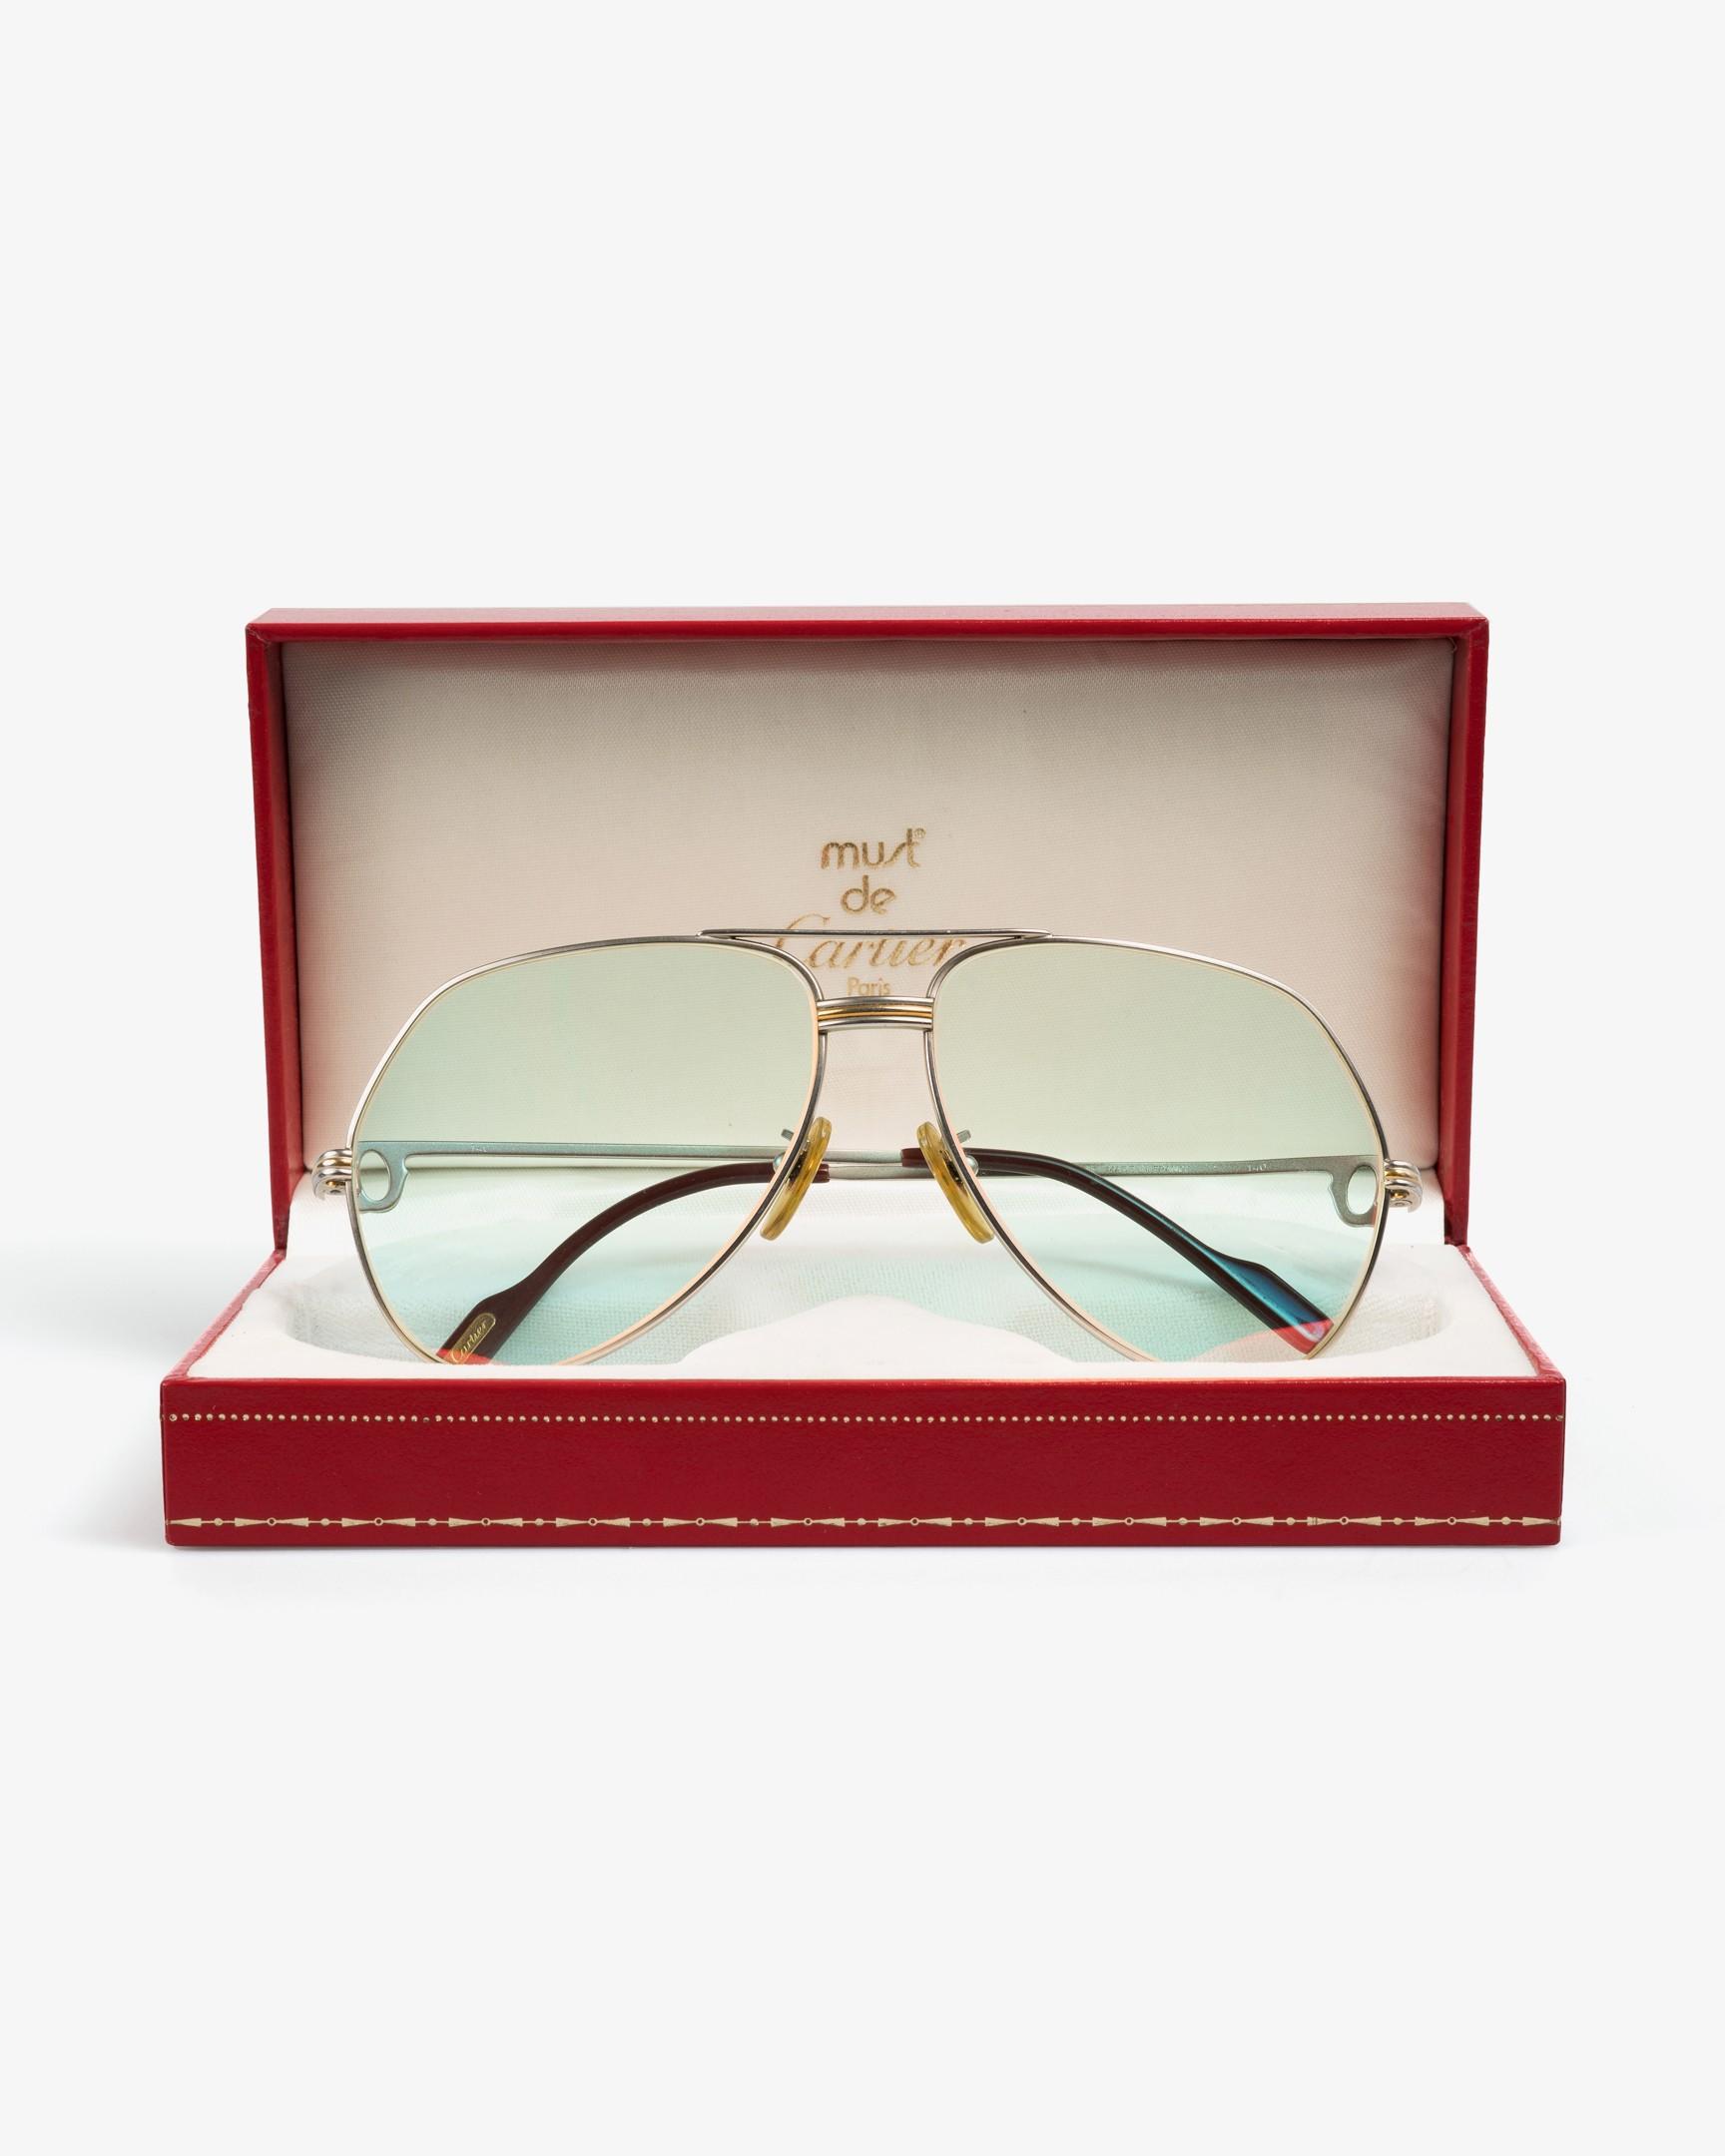 b56dee2d3f Internacionalmente reconocida por su meticuloso detalle y prestigio,  Cartier es una de las líneas de lentes con mas história jamás creadas.